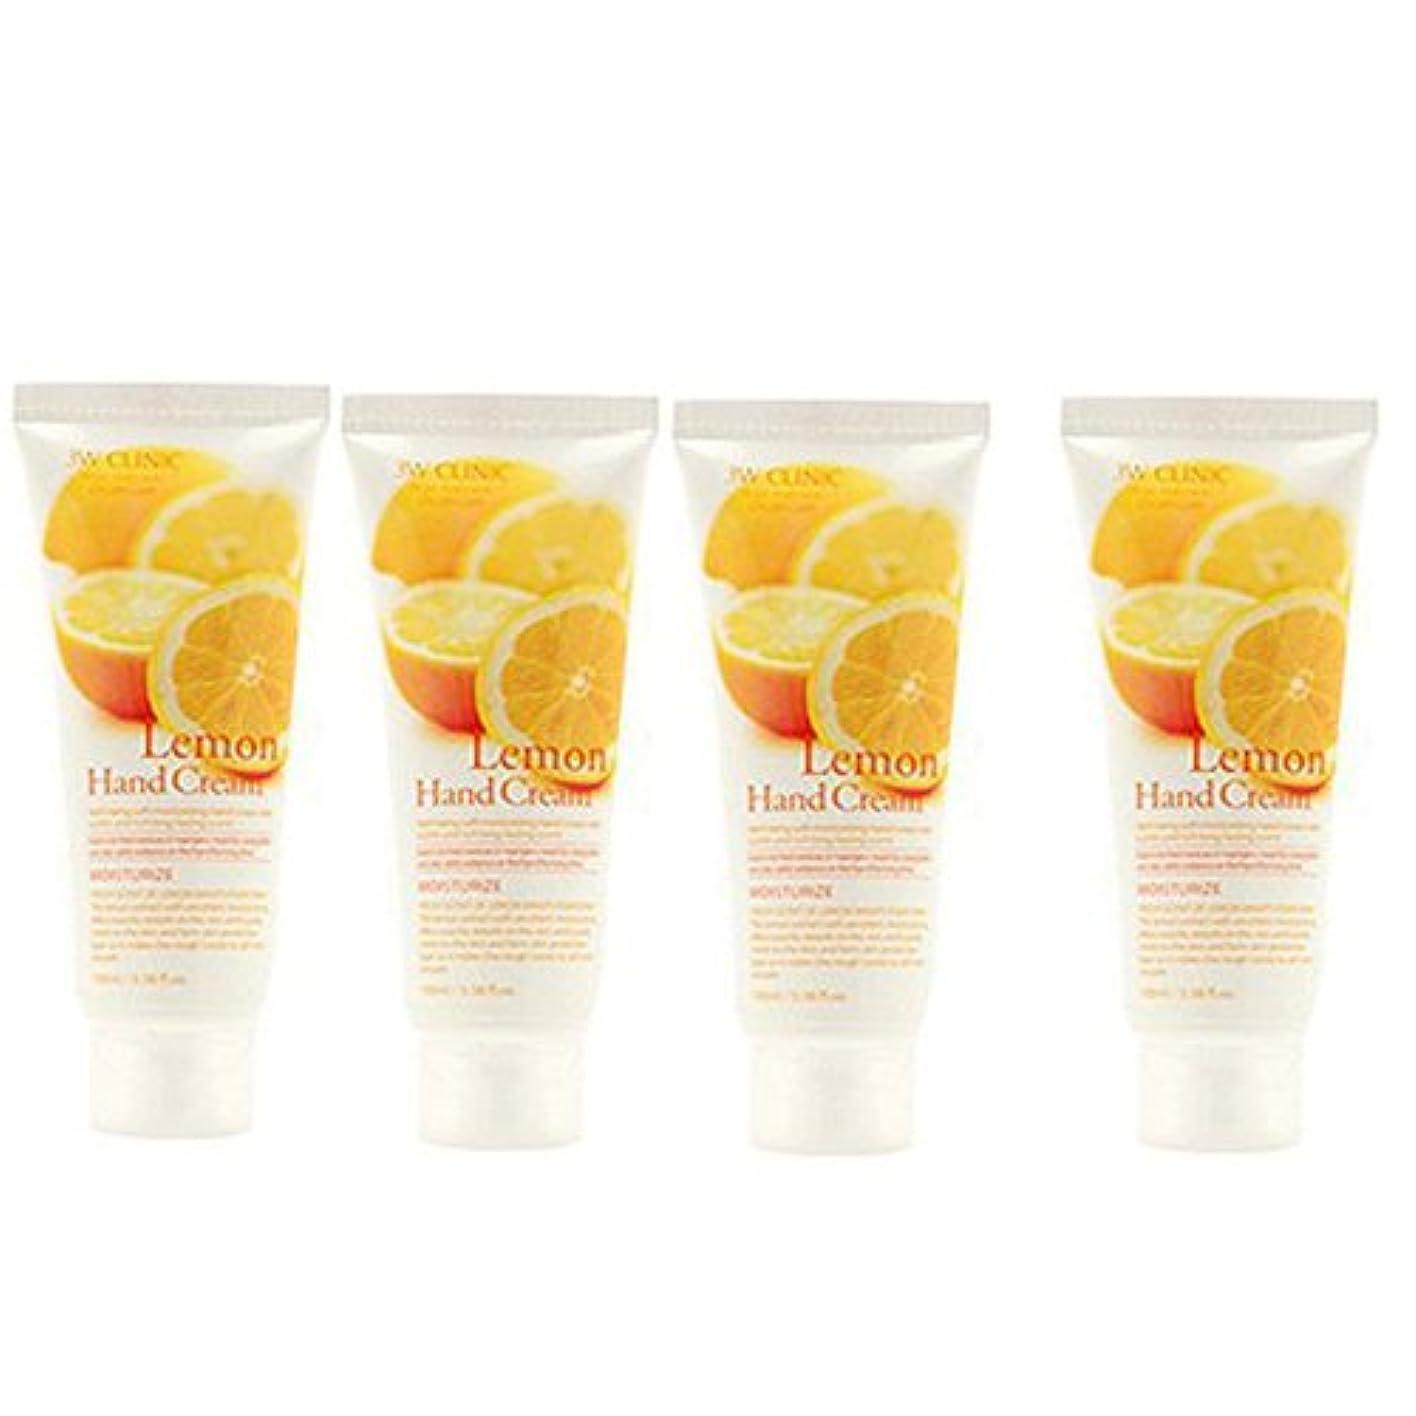 バトル方法論通常3w Clinic[韓国コスメARRAHAN]Moisturizing Lemon Hand Cream モイスチャーリングレモンハンドクリーム100mlX4個 [並行輸入品]